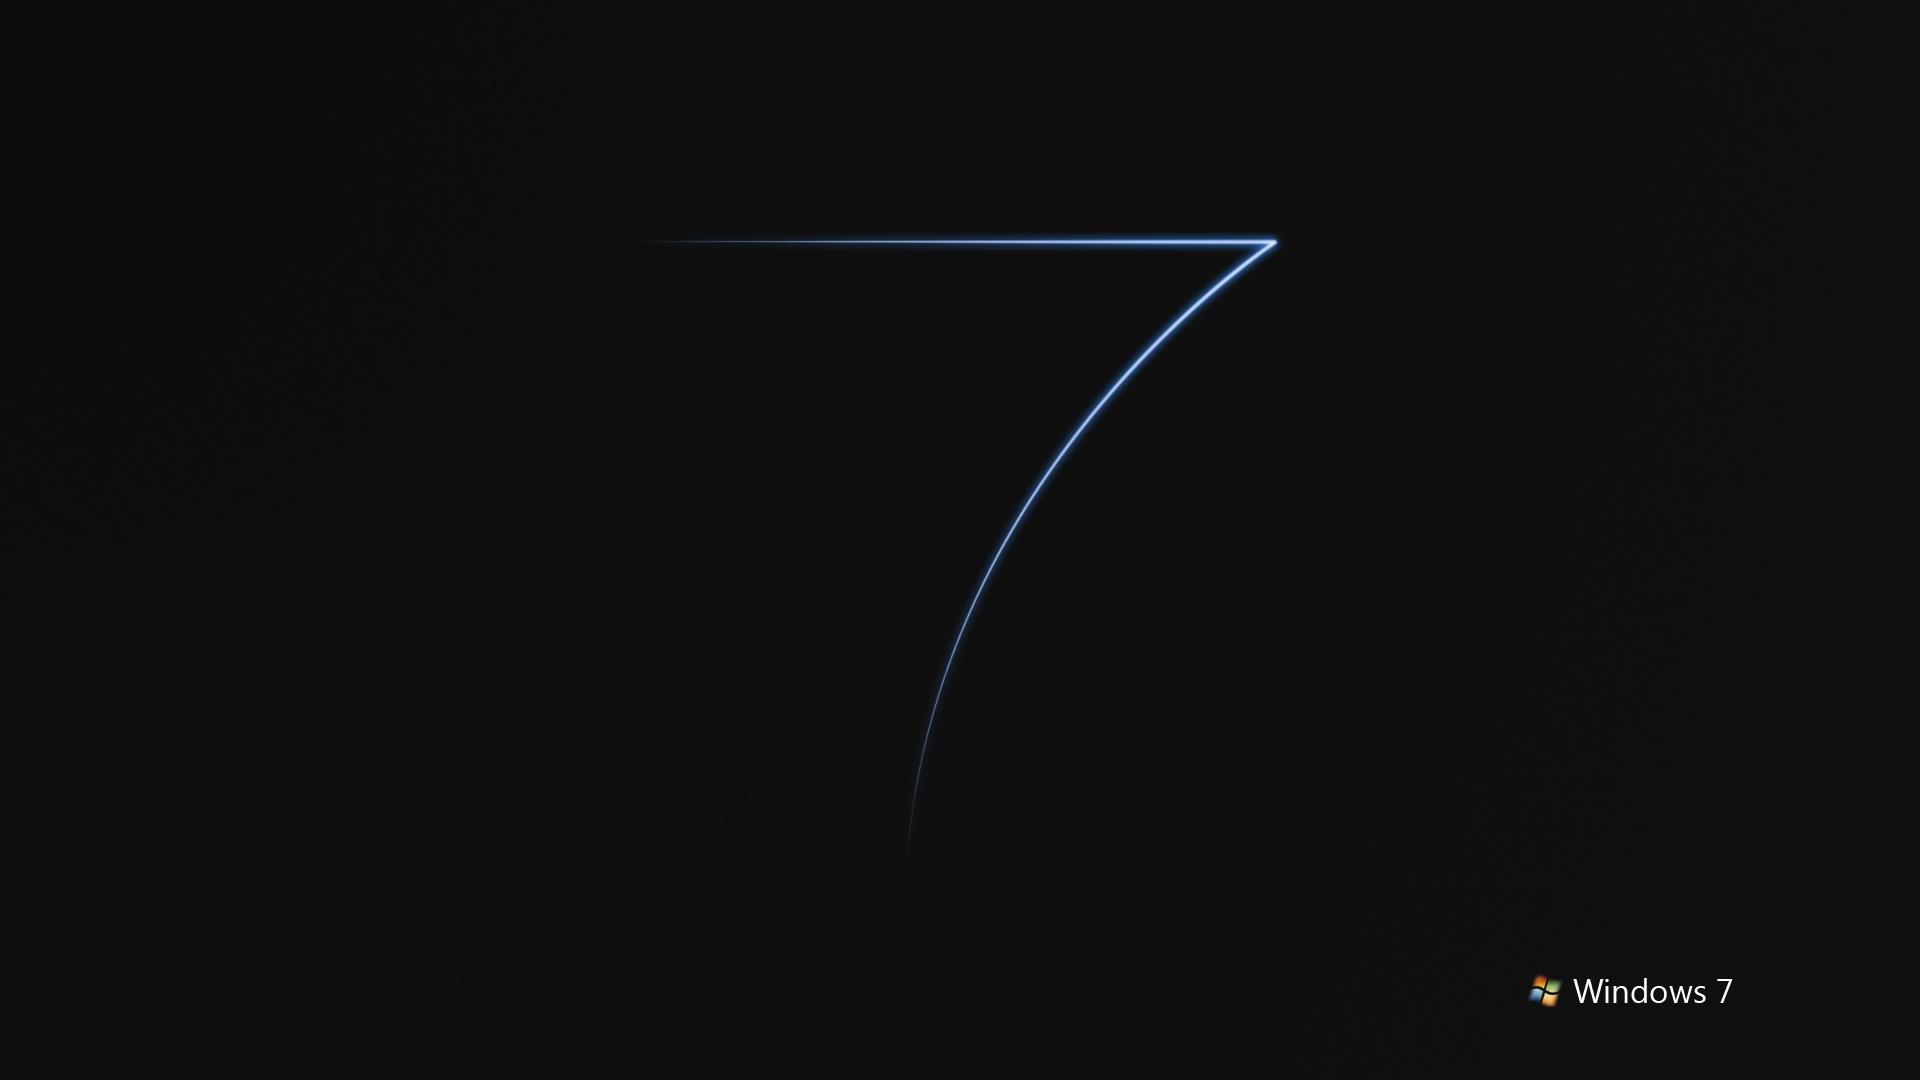 Black Windows 7